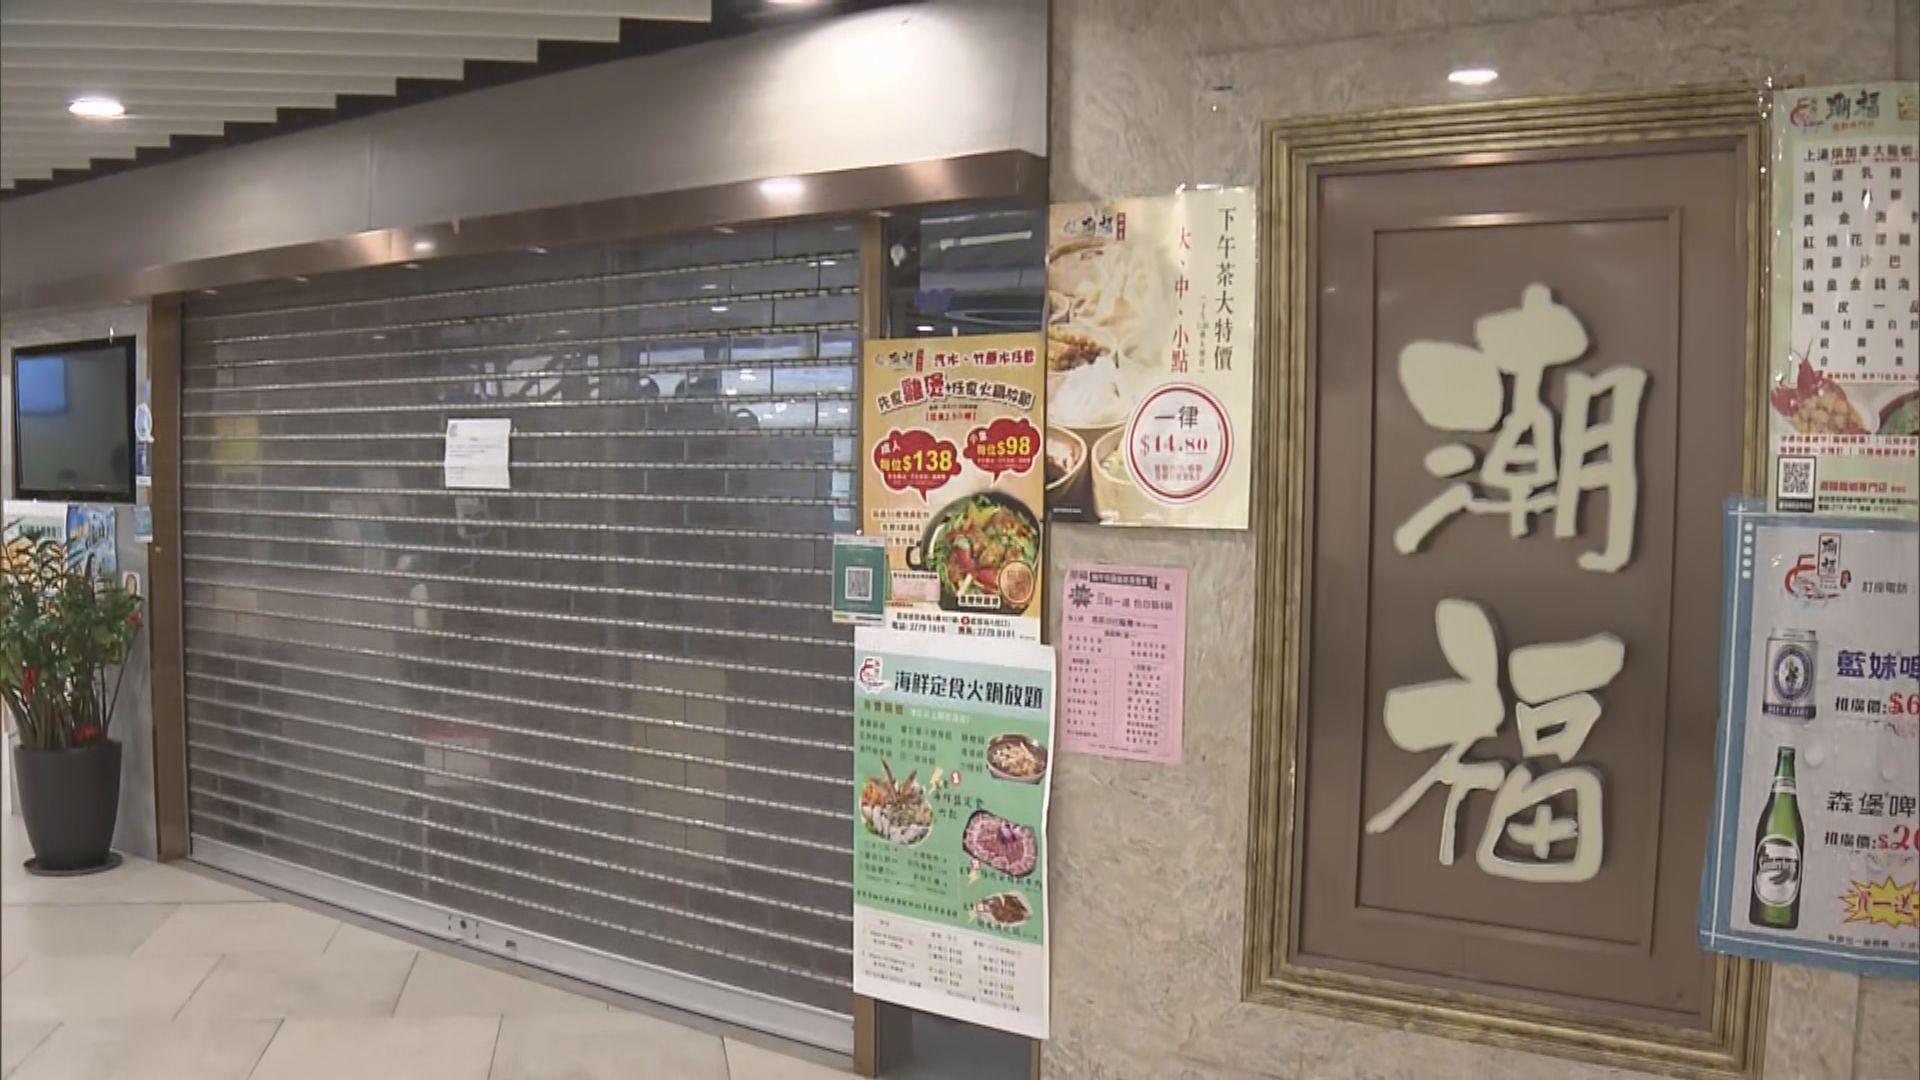 本港新增18宗確診 潮福龍蝦專門店累計3人染疫